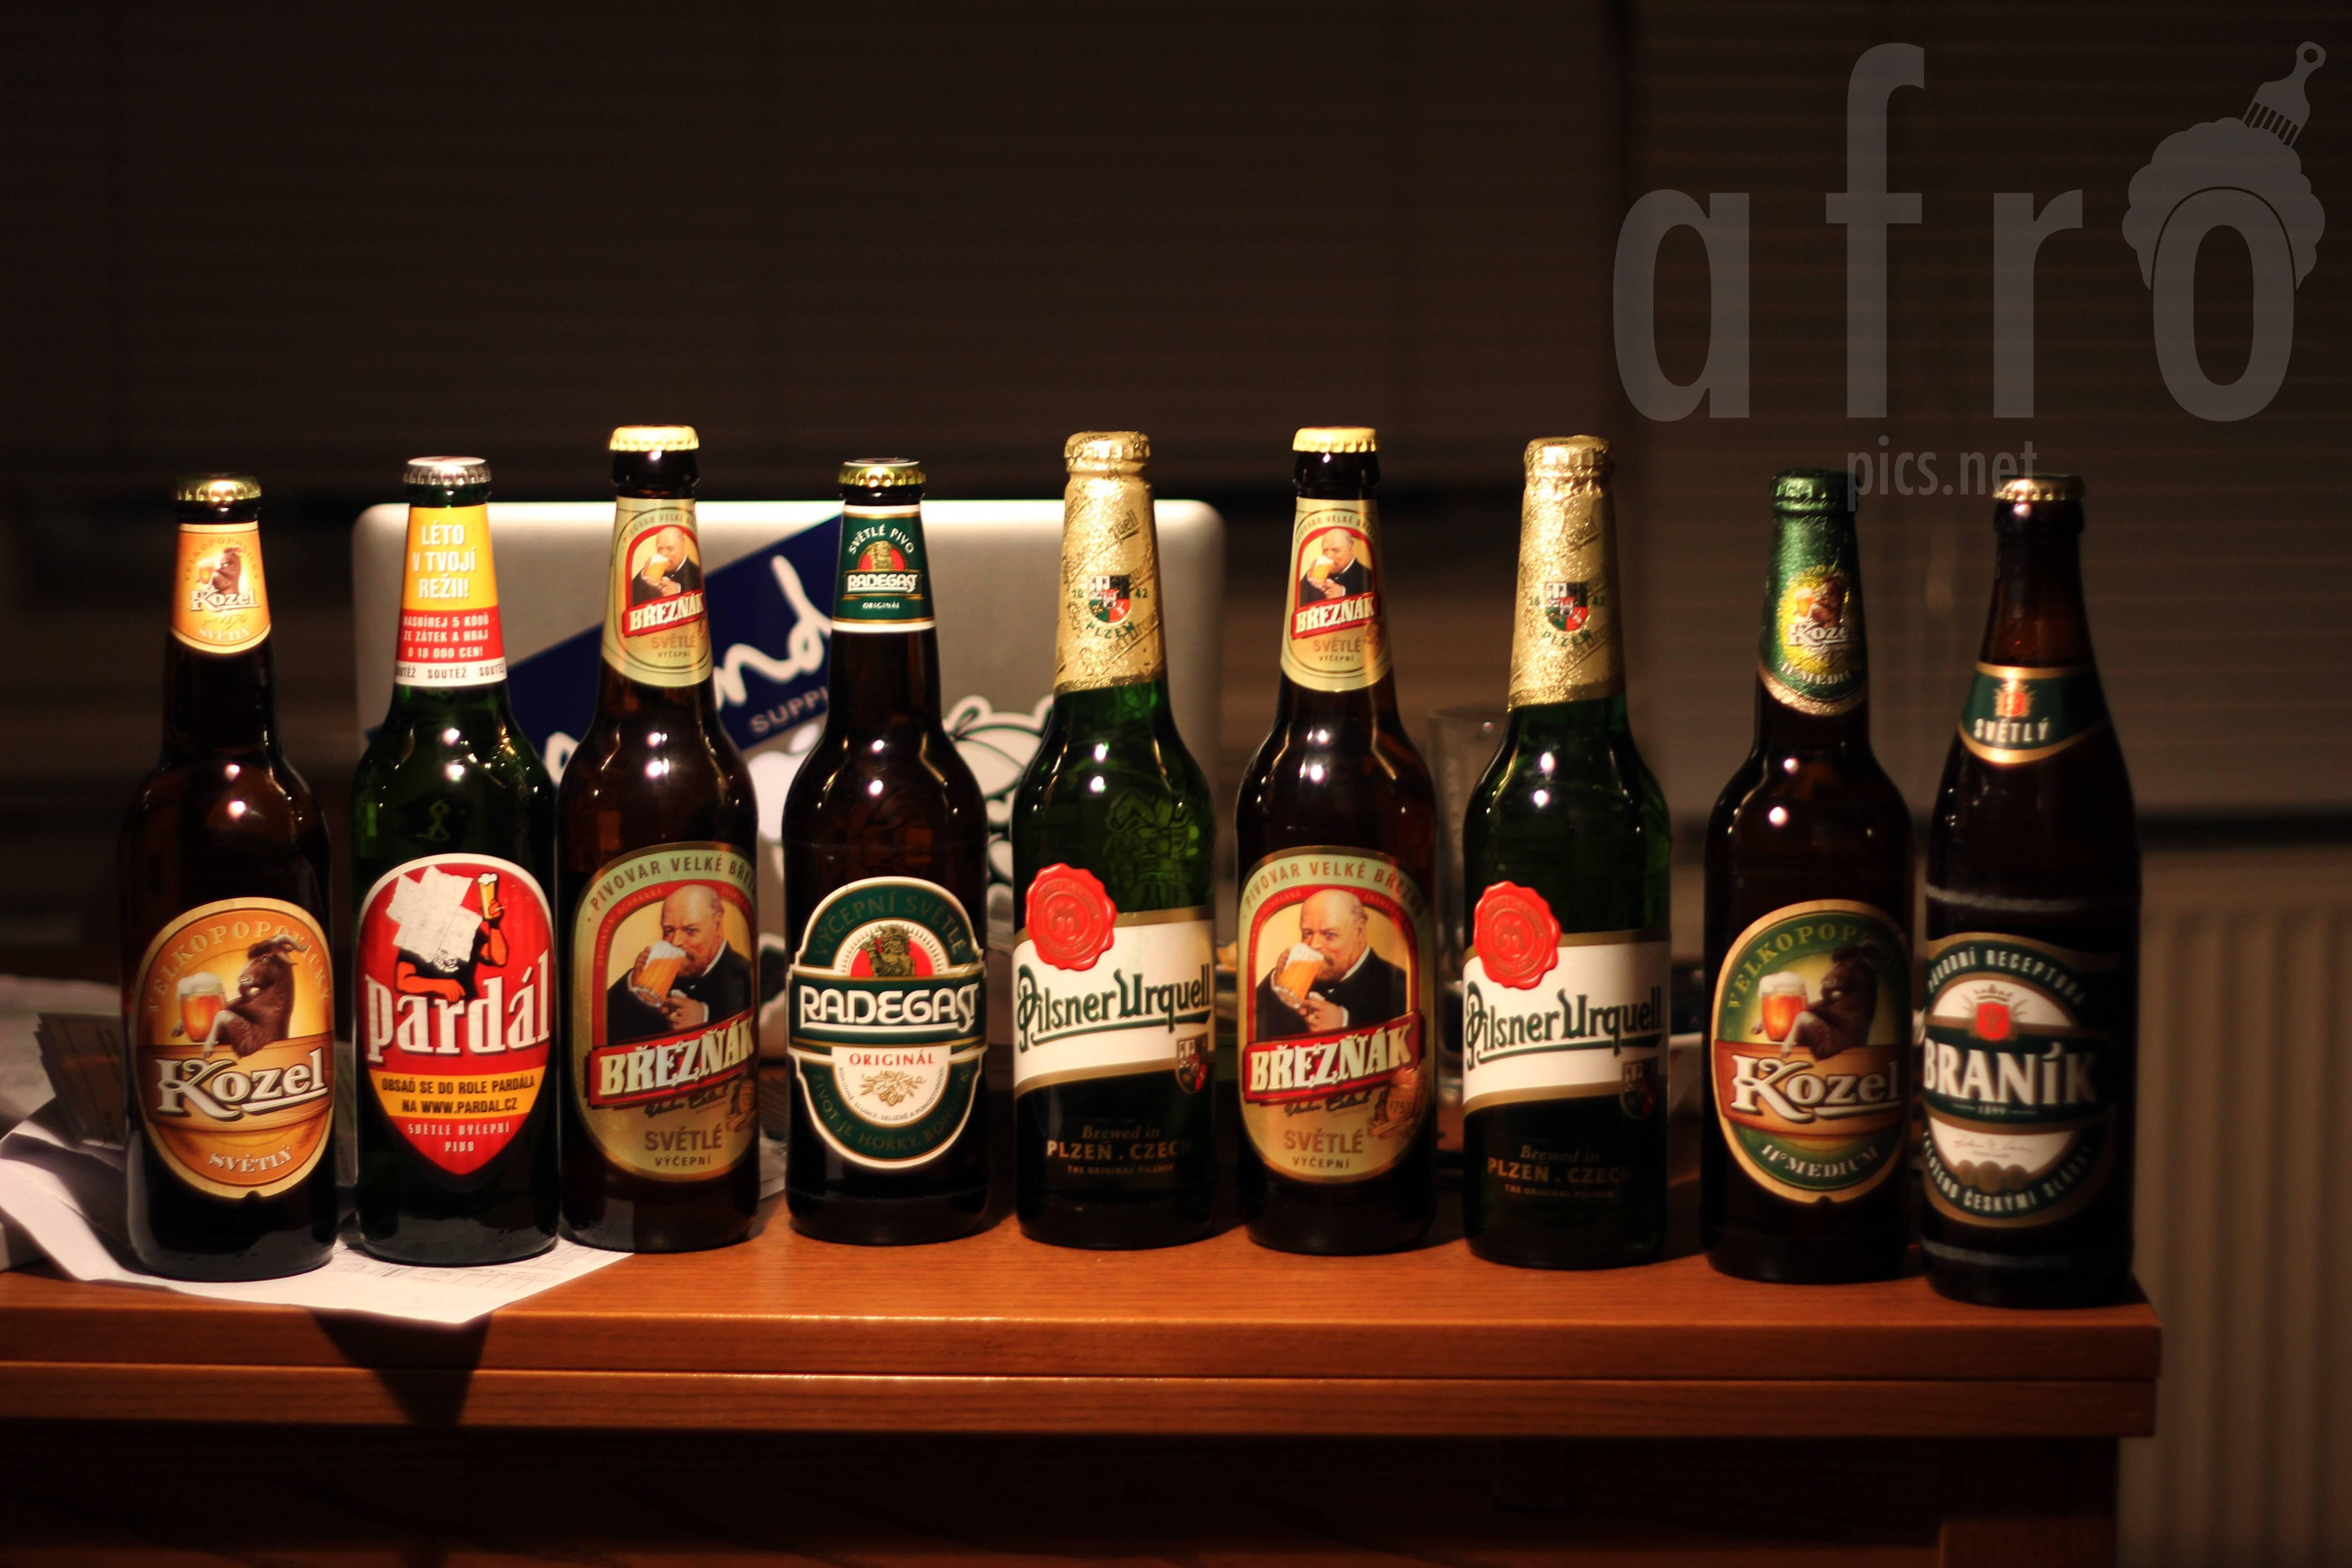 Топ-10 лучших марок пива в рейтинге zuzako